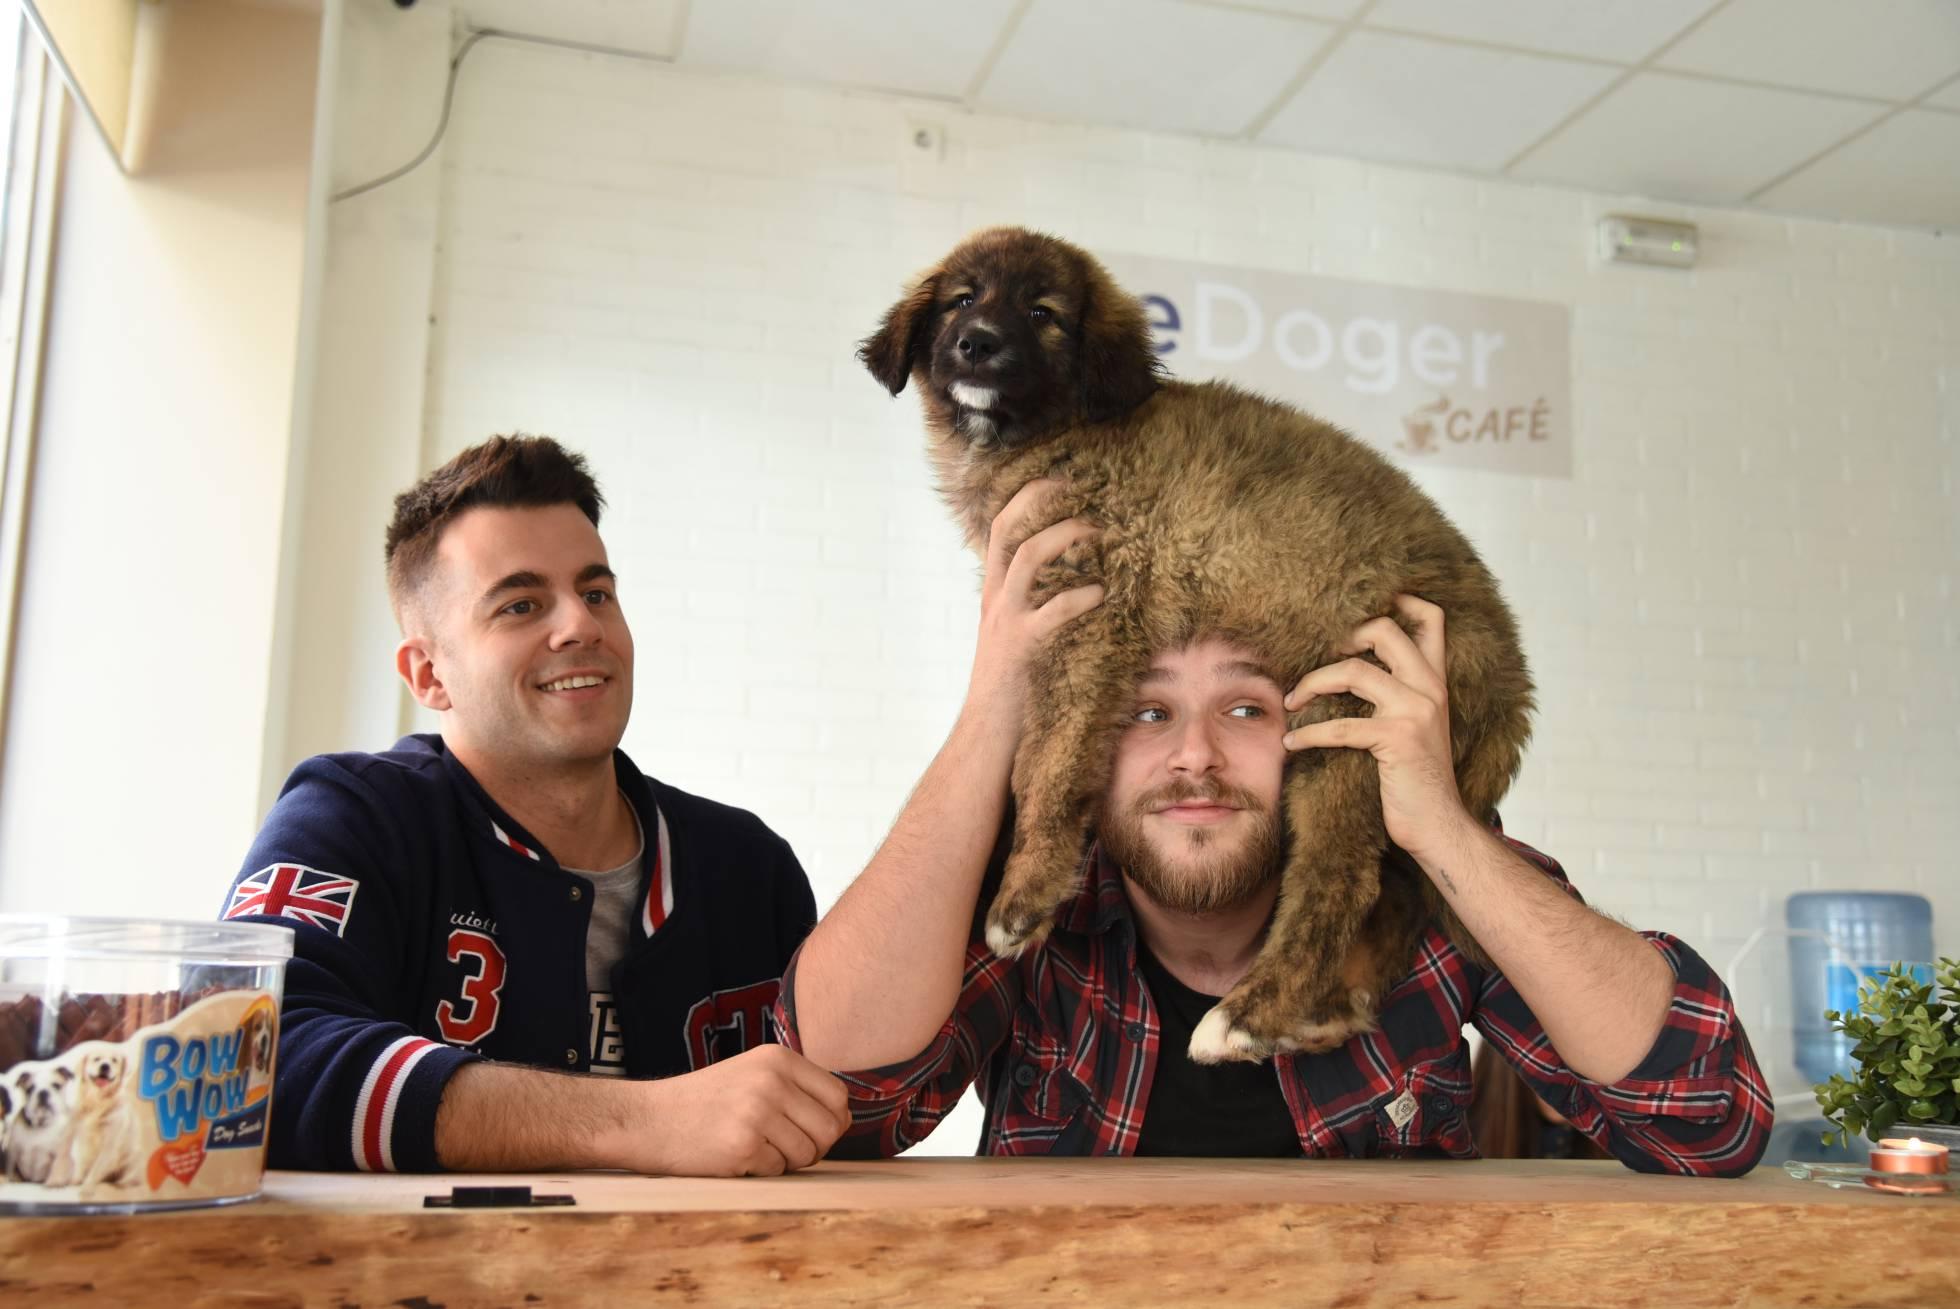 Первое кафе с собаками в Мадриде набирает популярность